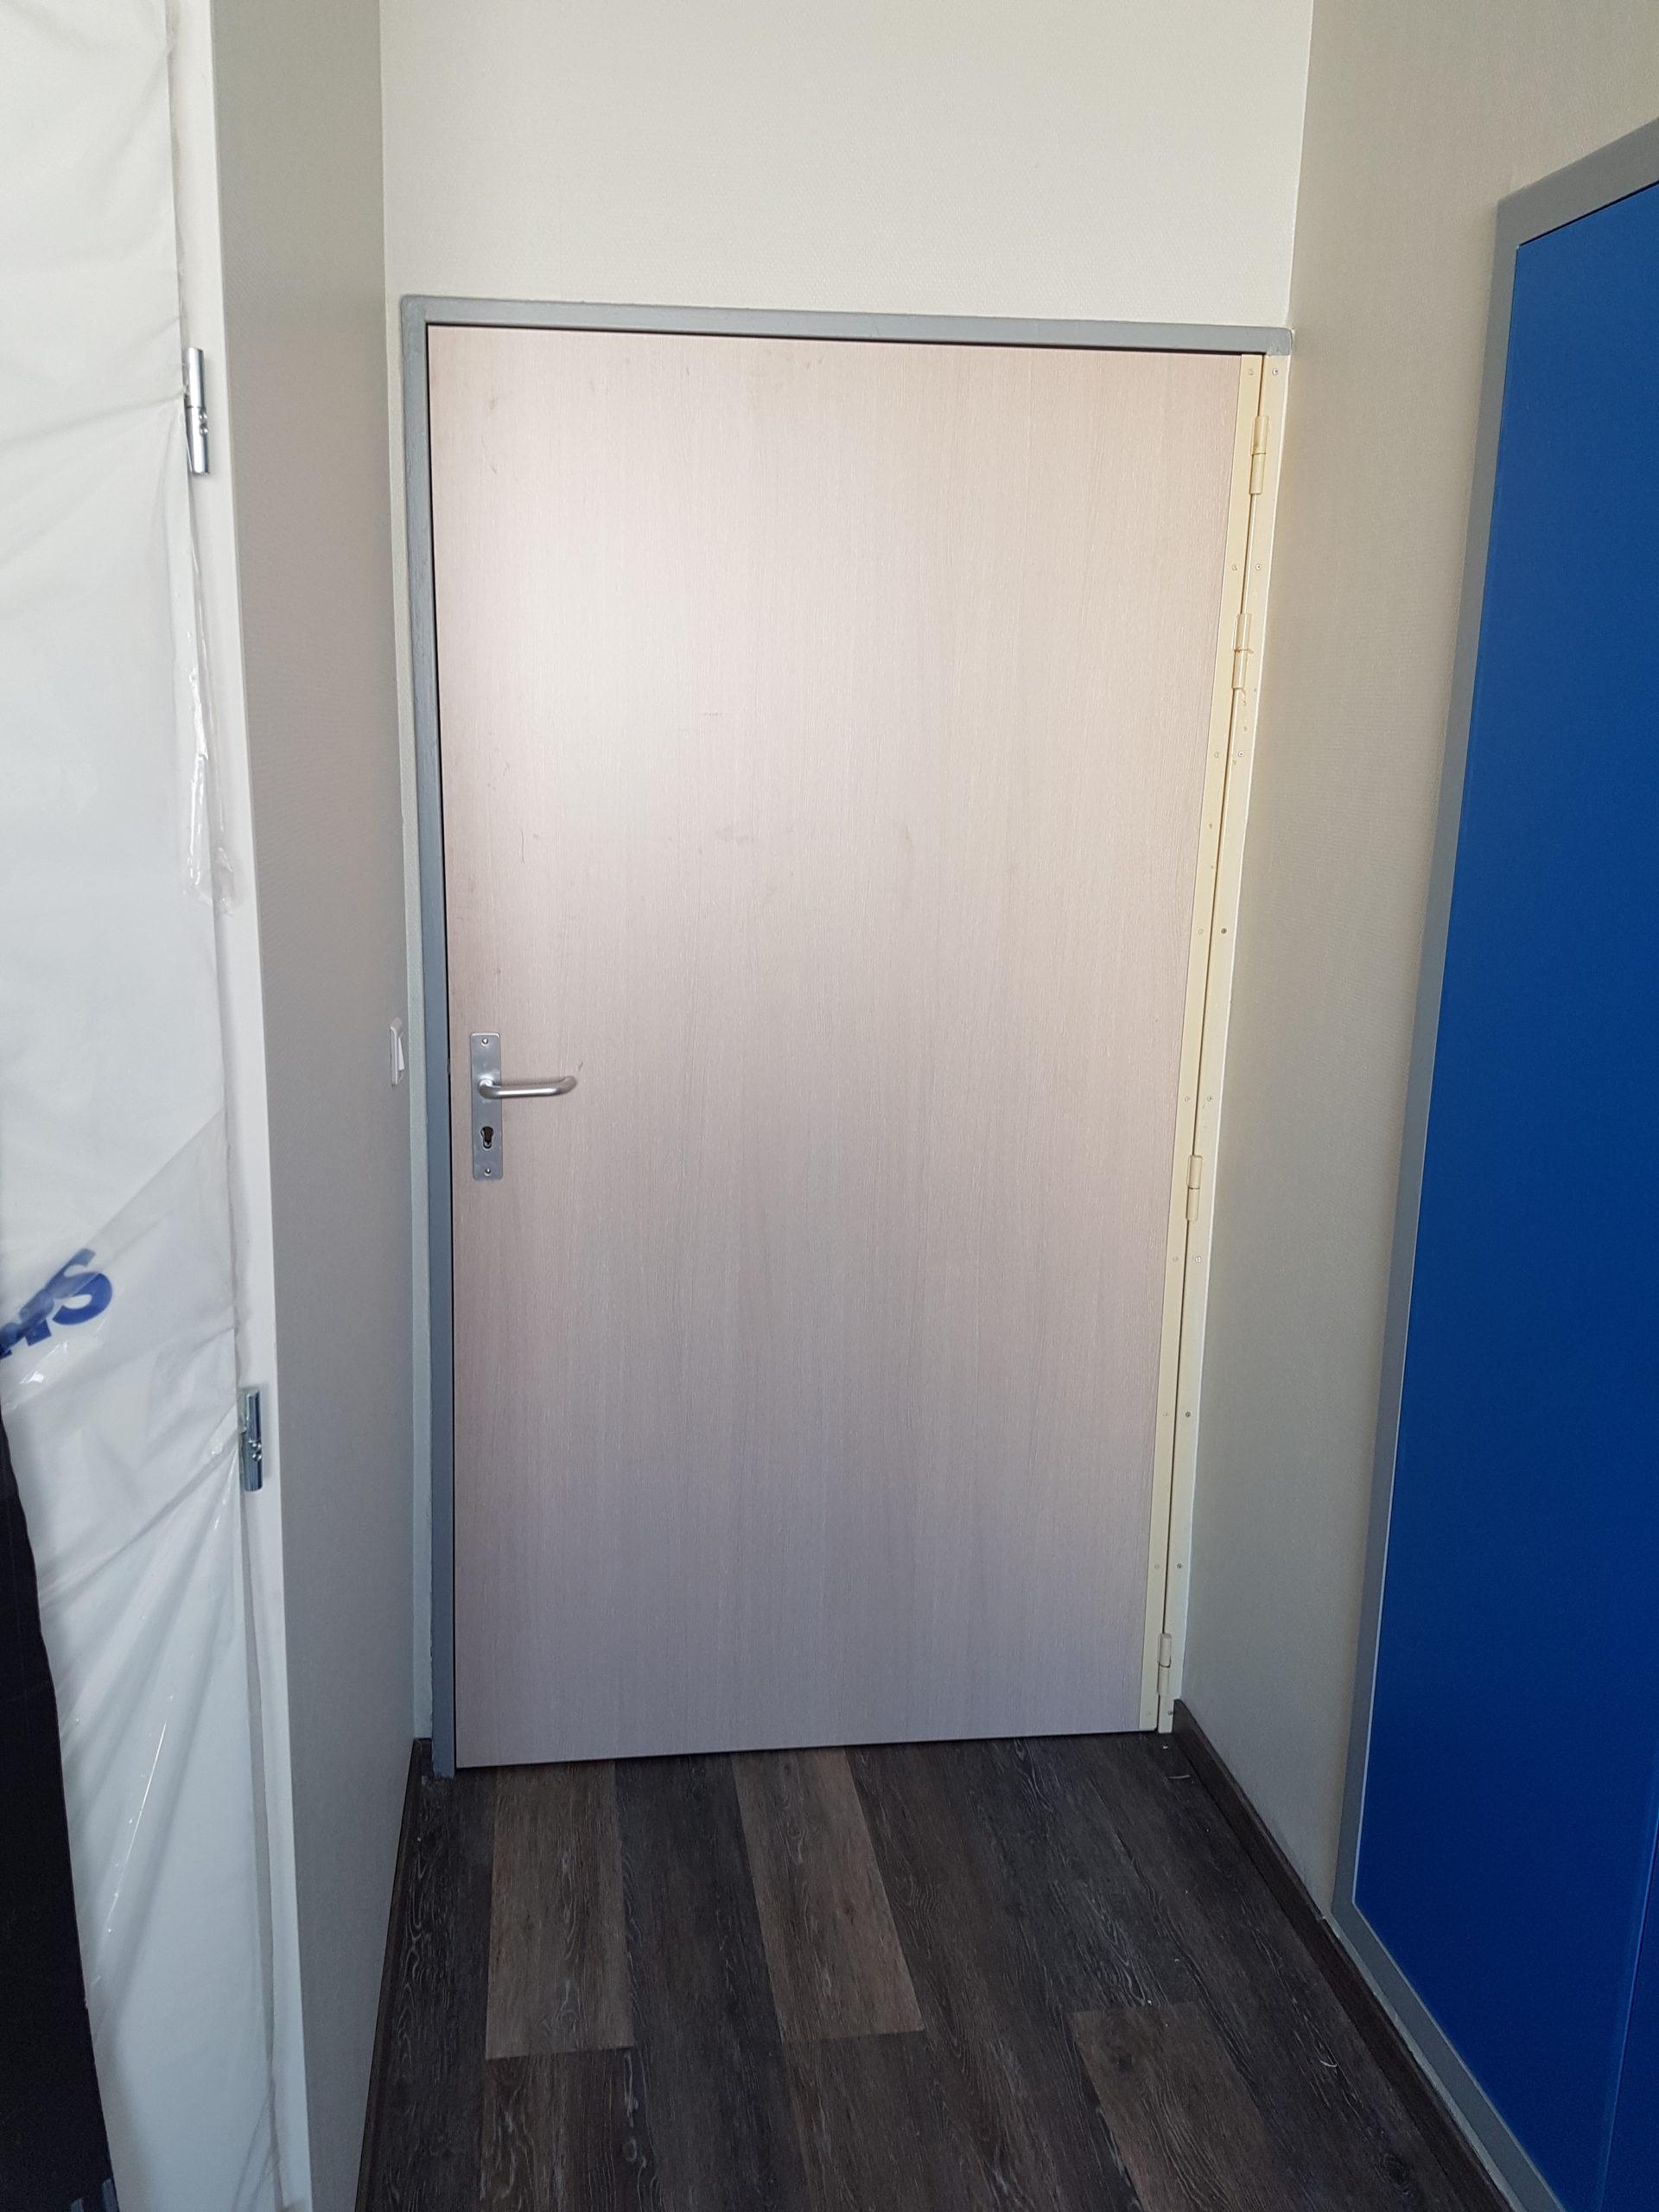 Porte intérieure dans une chambre d'hôpital